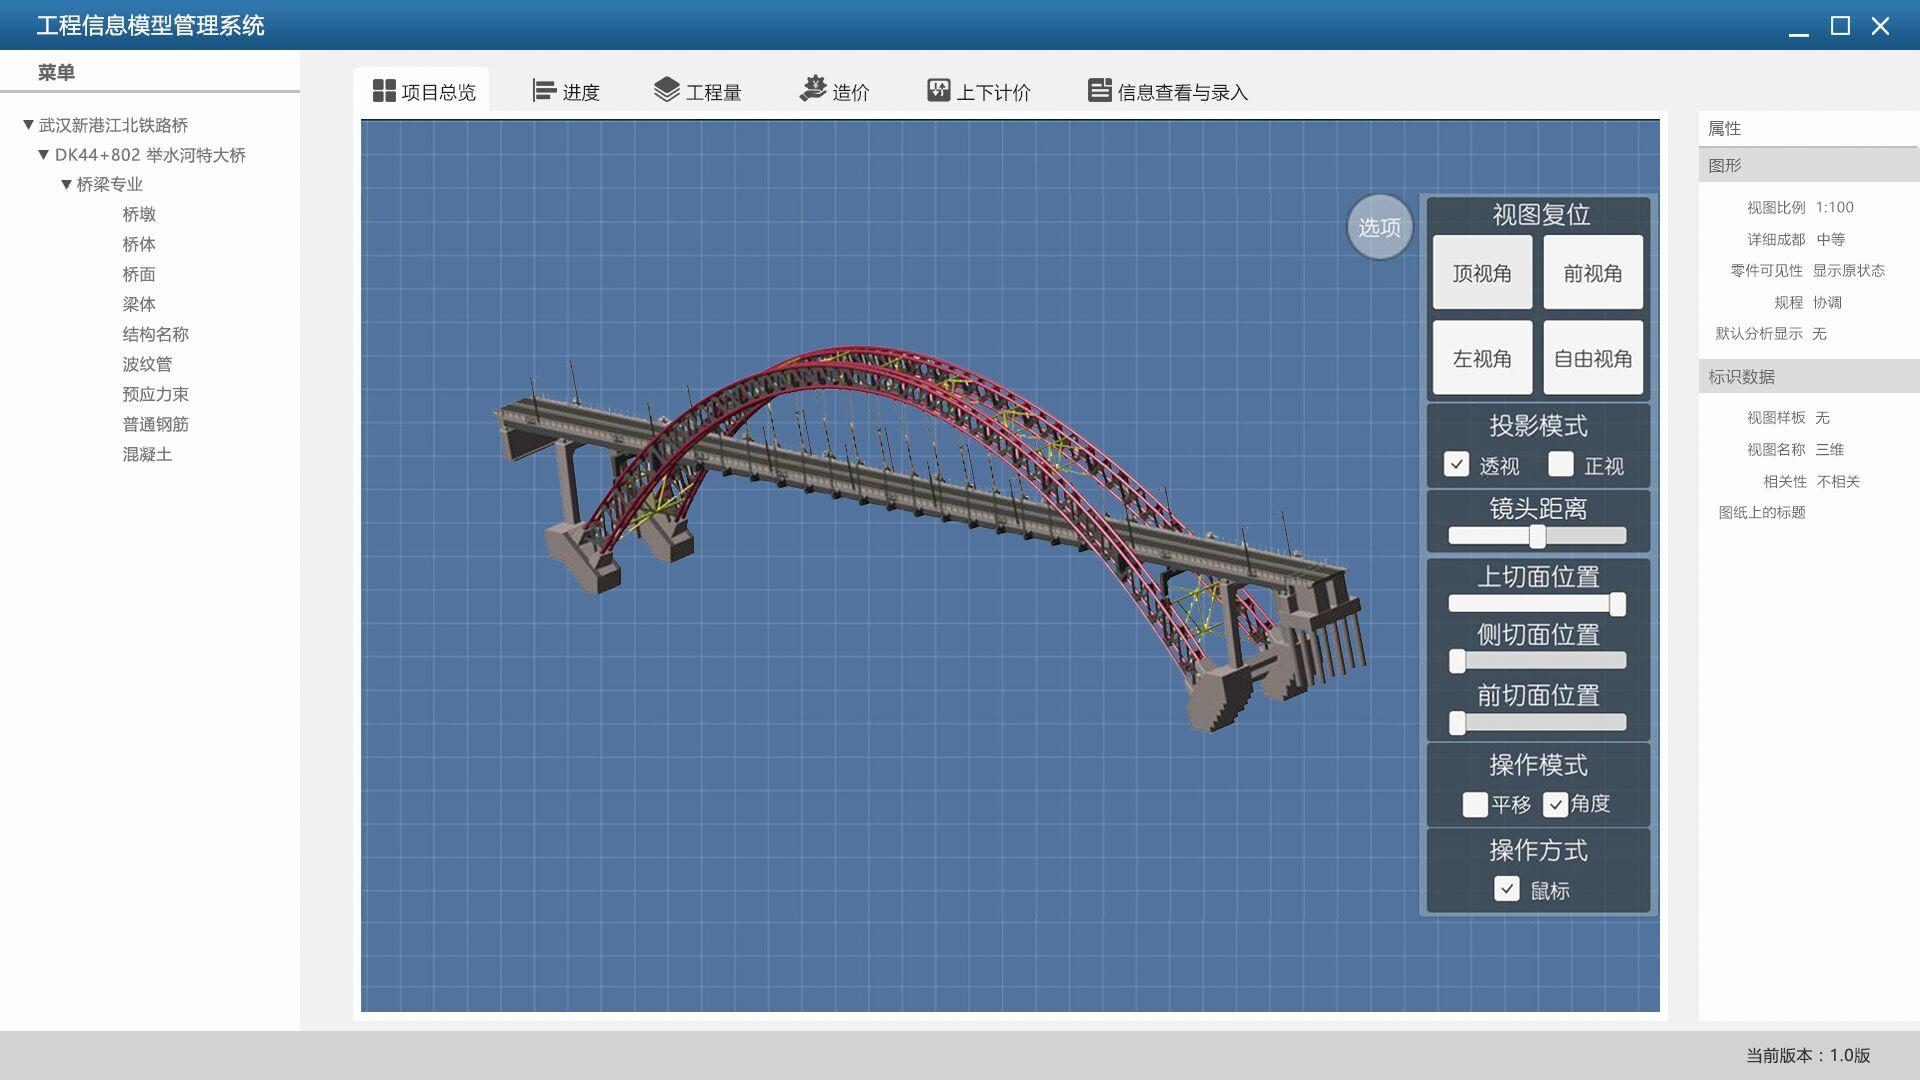 BIM施工模拟/BIM消防建模/VR施工场地模拟一站式咨询